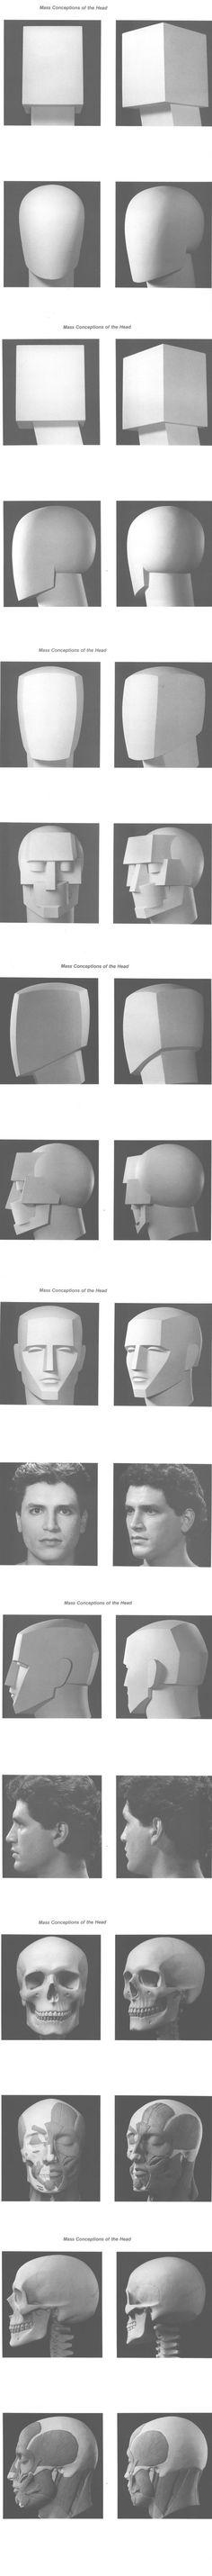 [转载]人体素描写生上的难点分析【关于头...